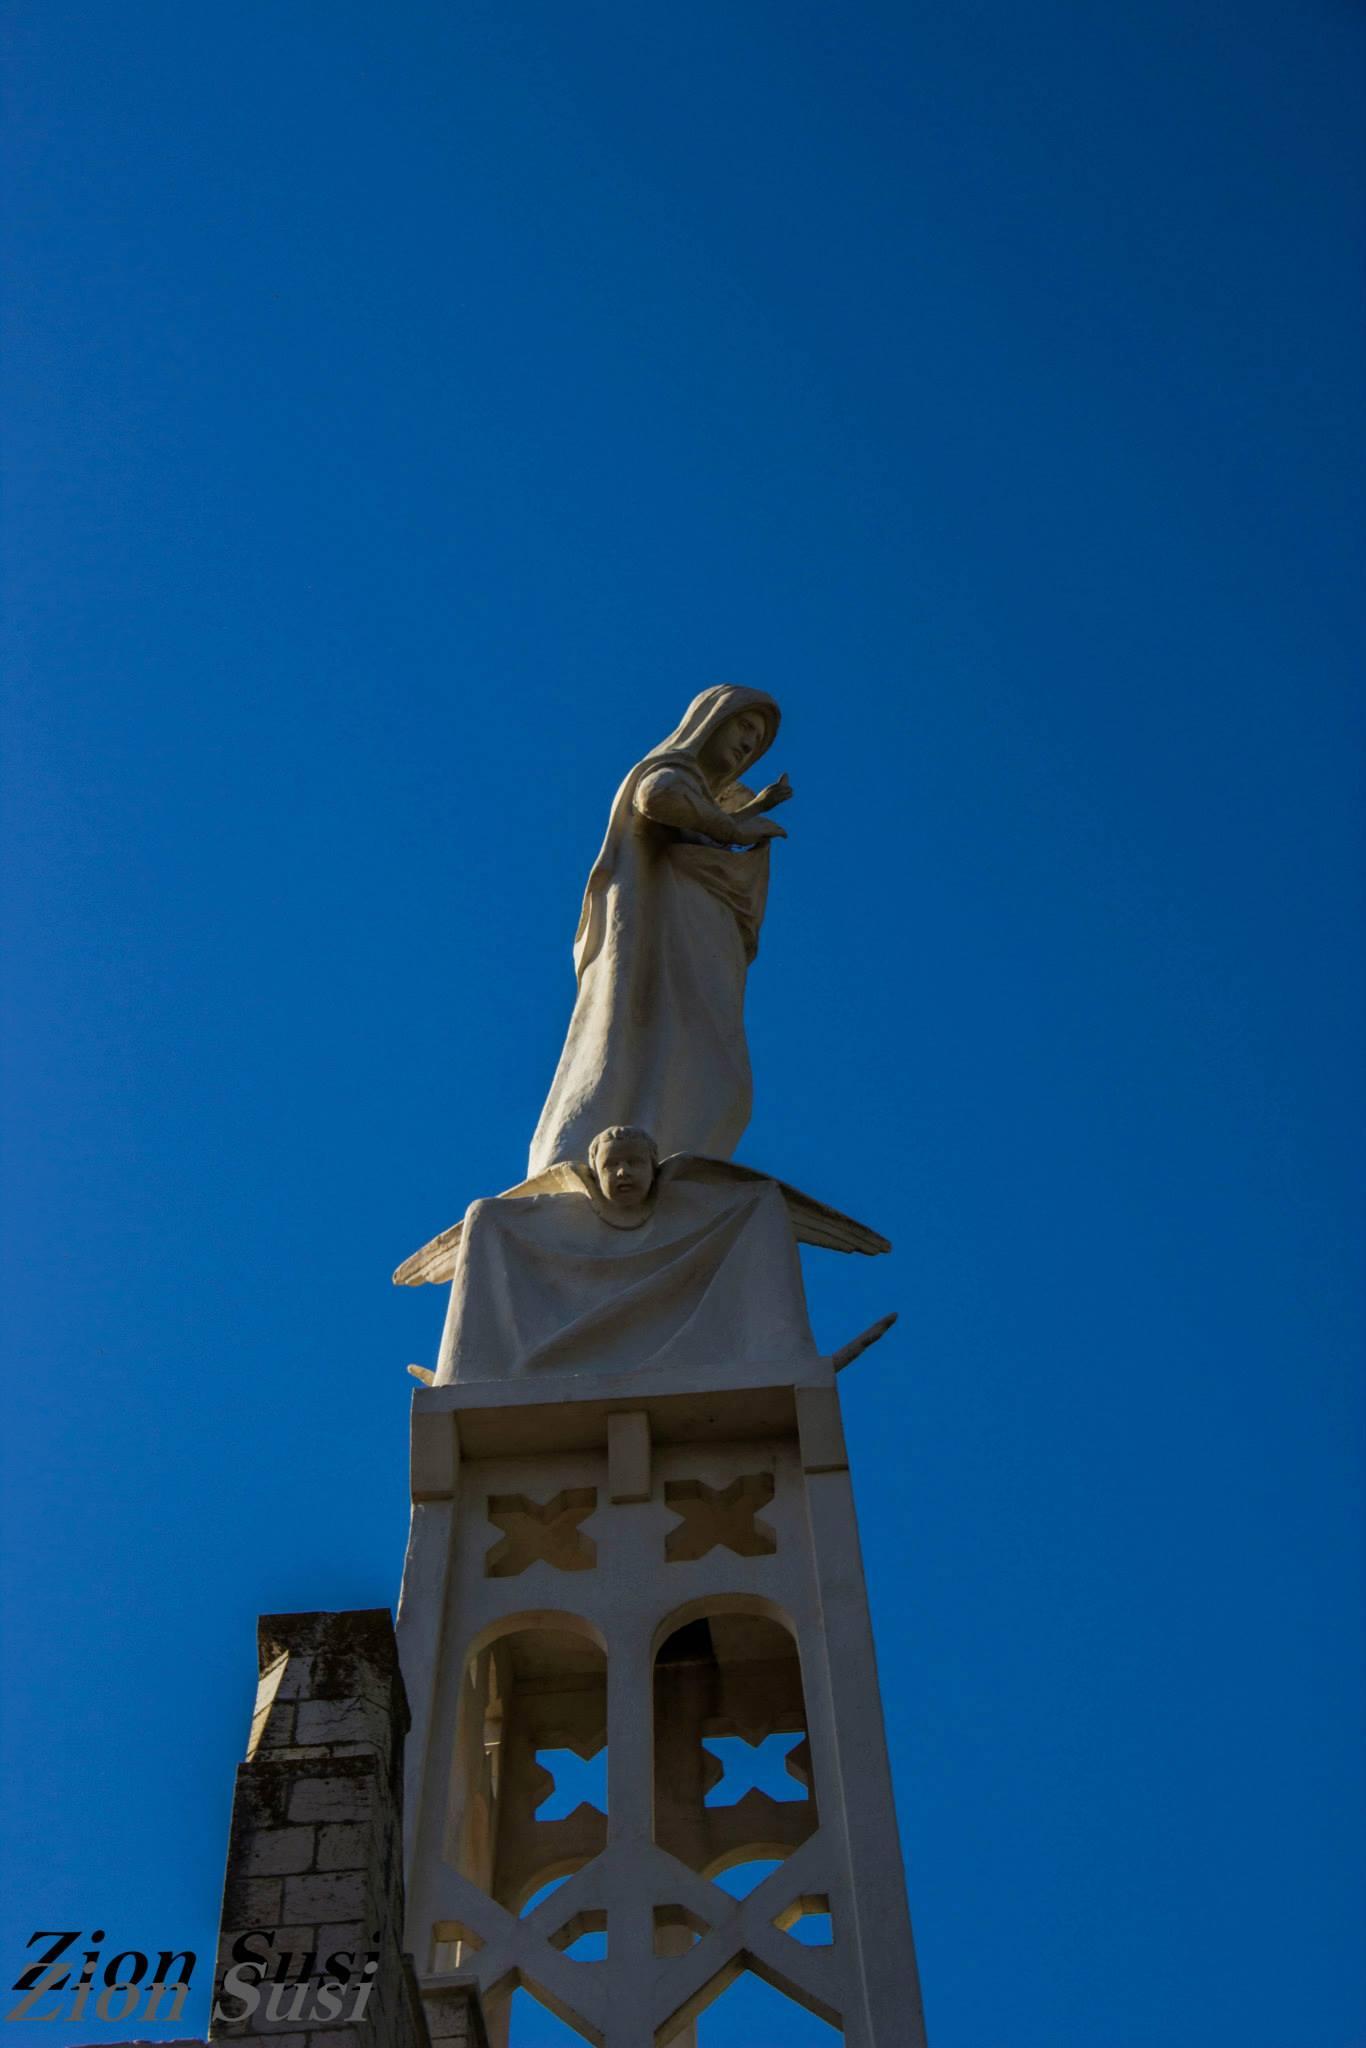 פסל מרים והילד והמלאכים בכנסייה.